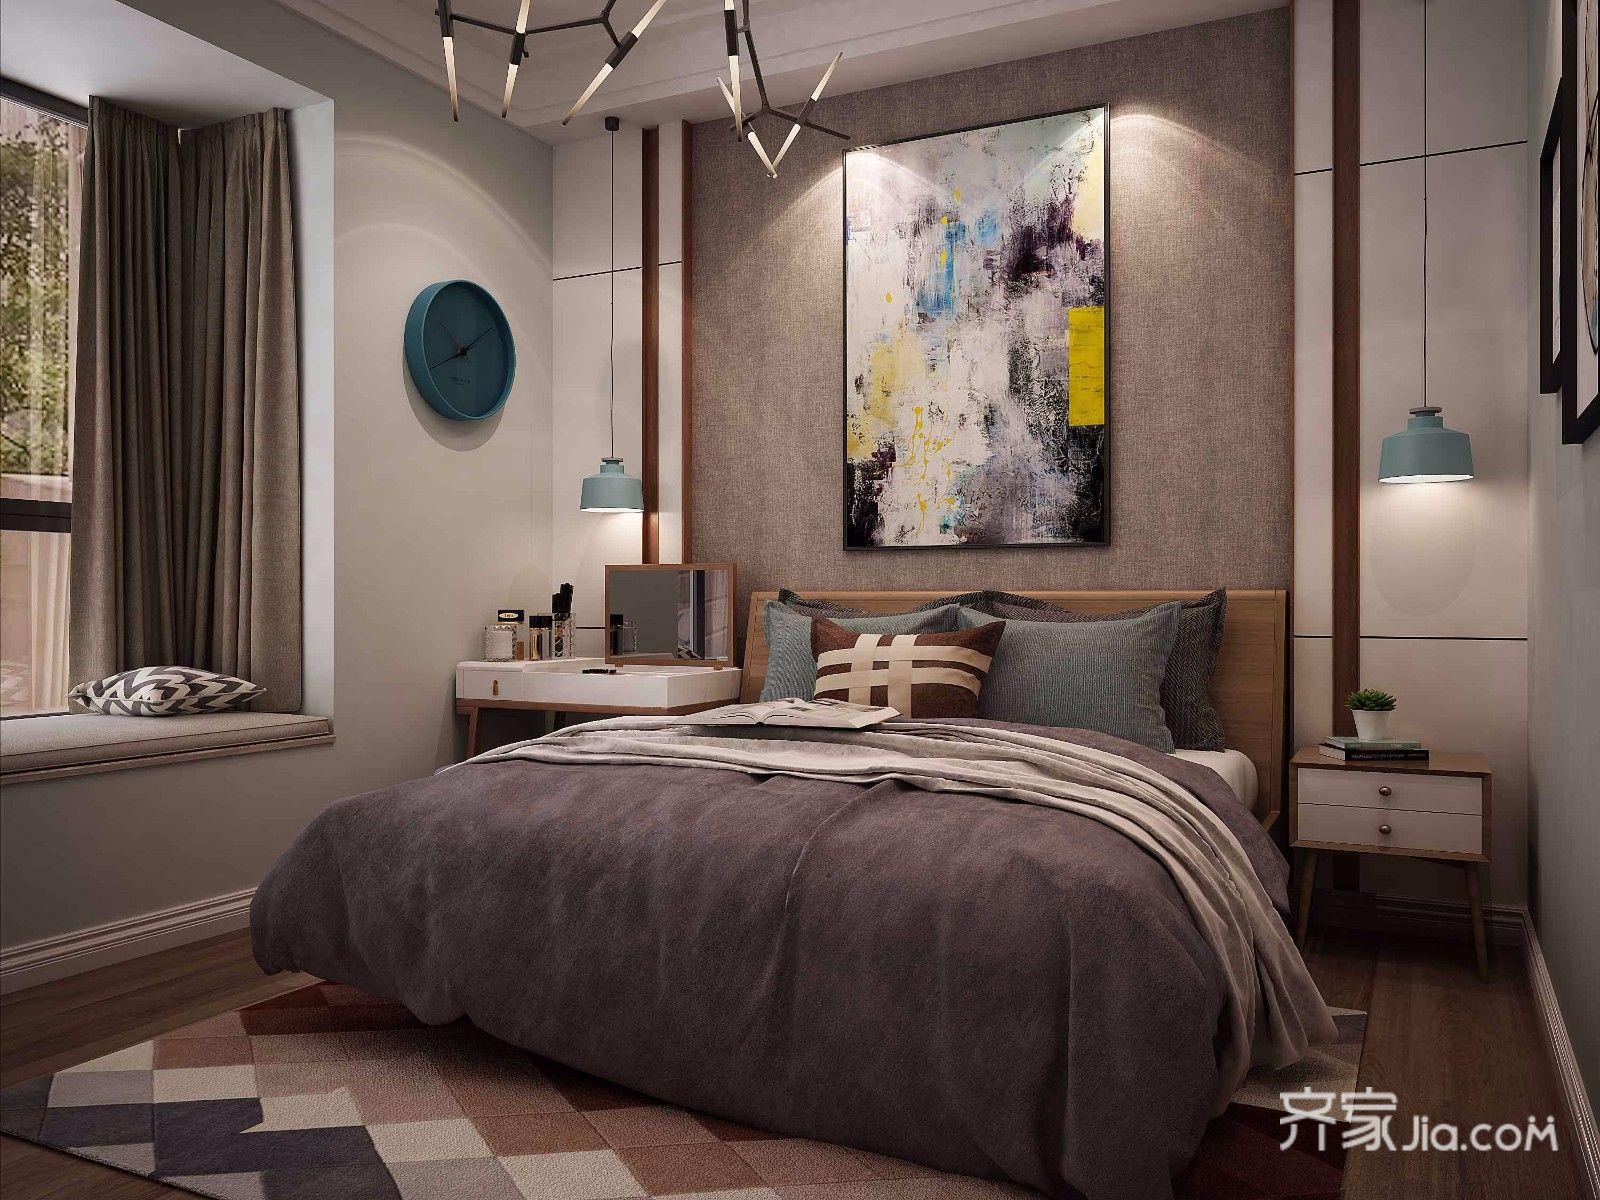 140平米混搭风格卧室背景墙装修效果图